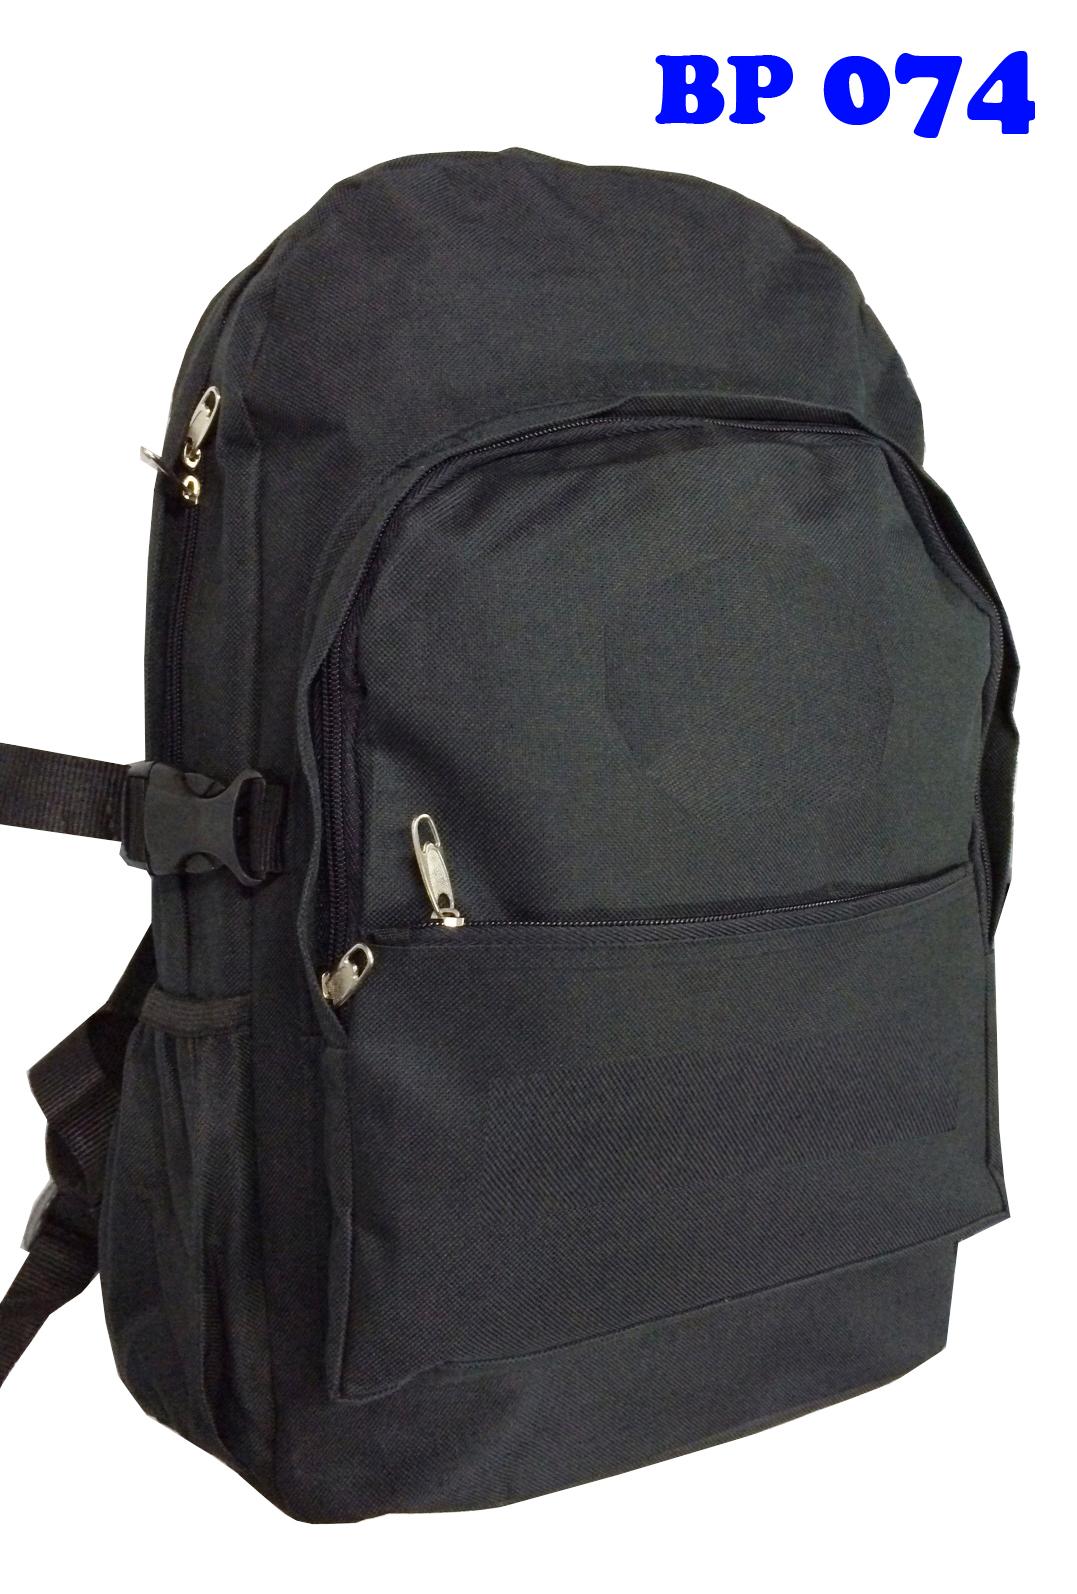 กระเป๋าเป้ เป้สะพายหลัง BP 074